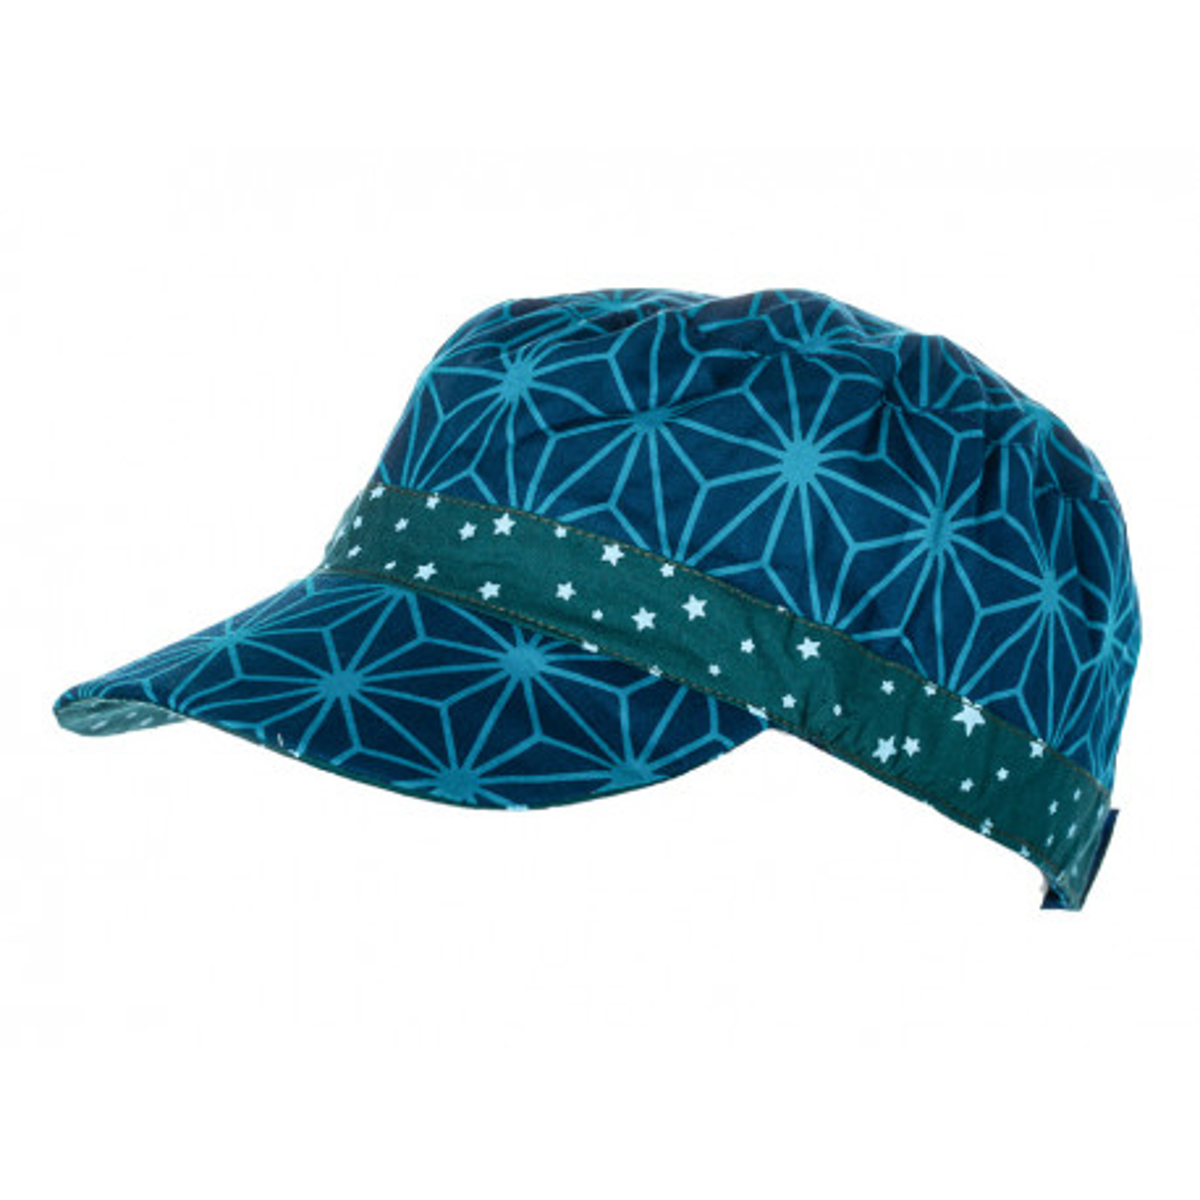 Casquette en coton original et réversible pour enfant 1-8 ans bleu et étoiles